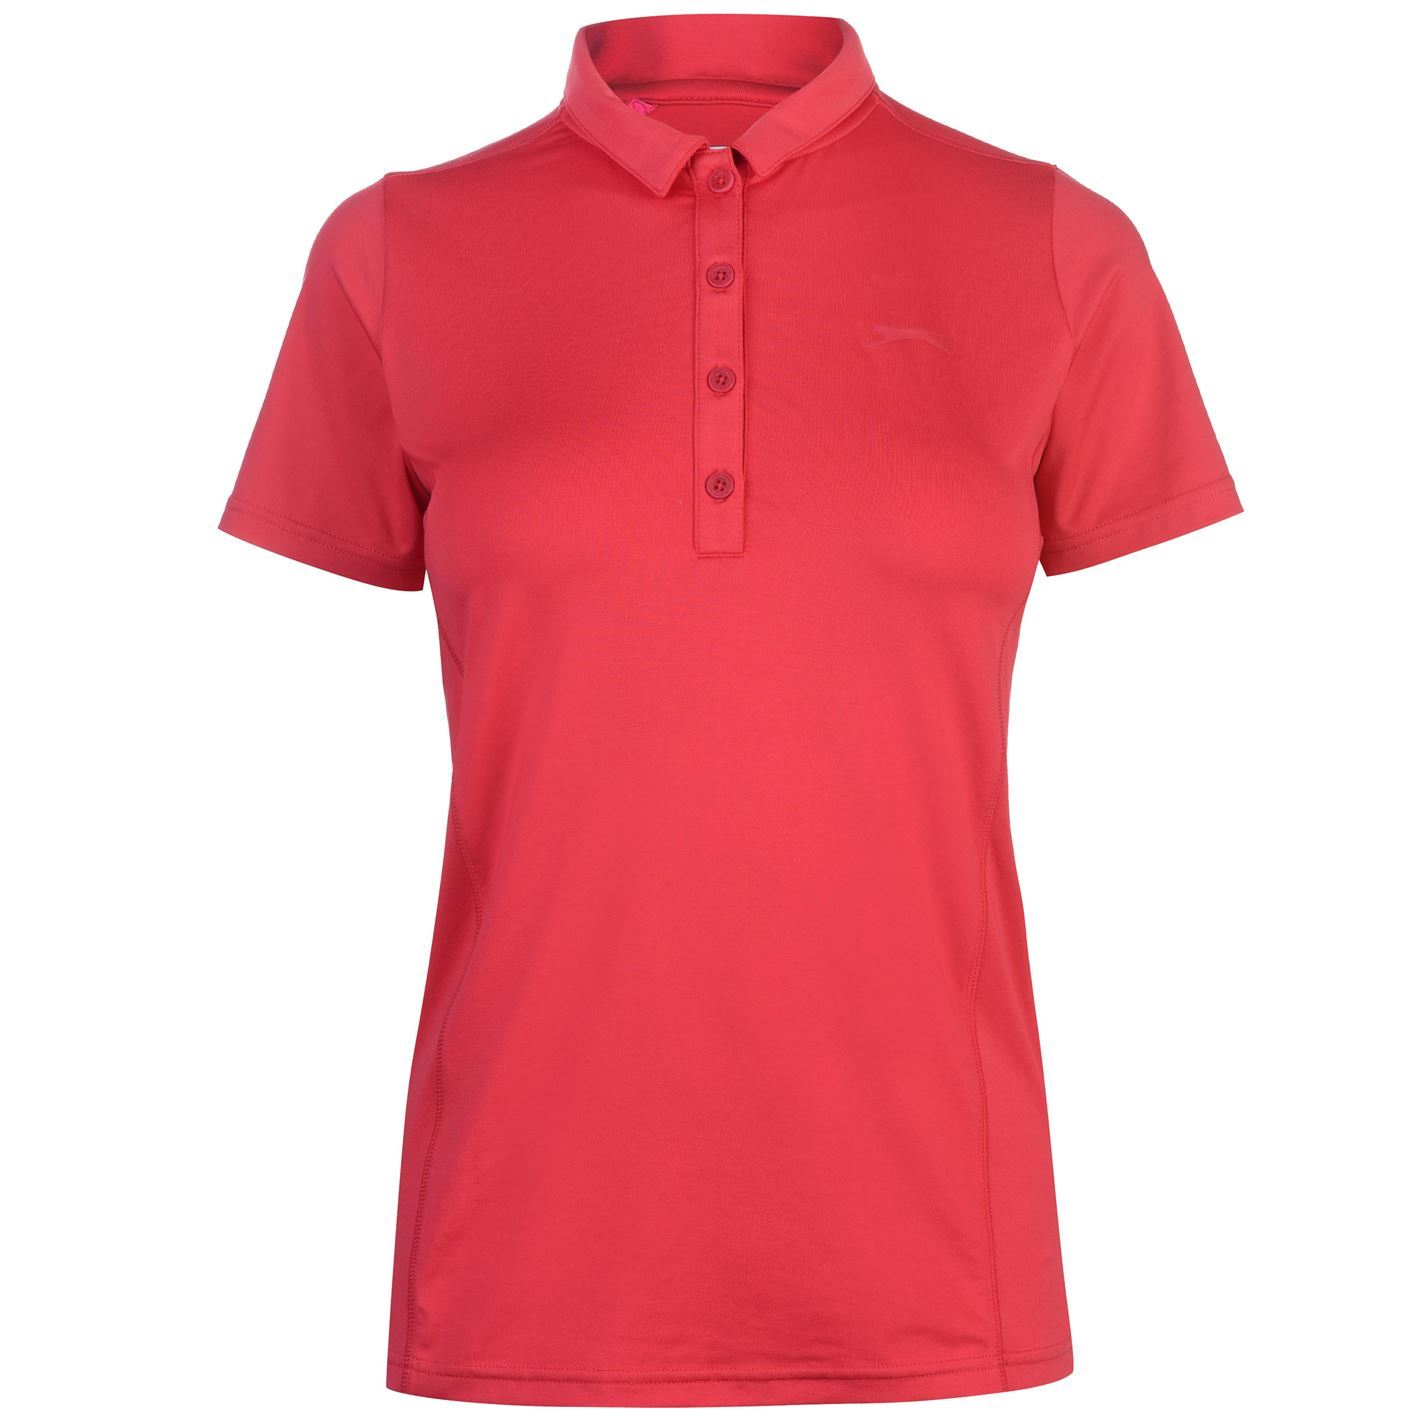 Slazenger-Plain-Golf-Polo-Shirt-Womens-T-Shirt-Top-Tee-Activewear miniature 9